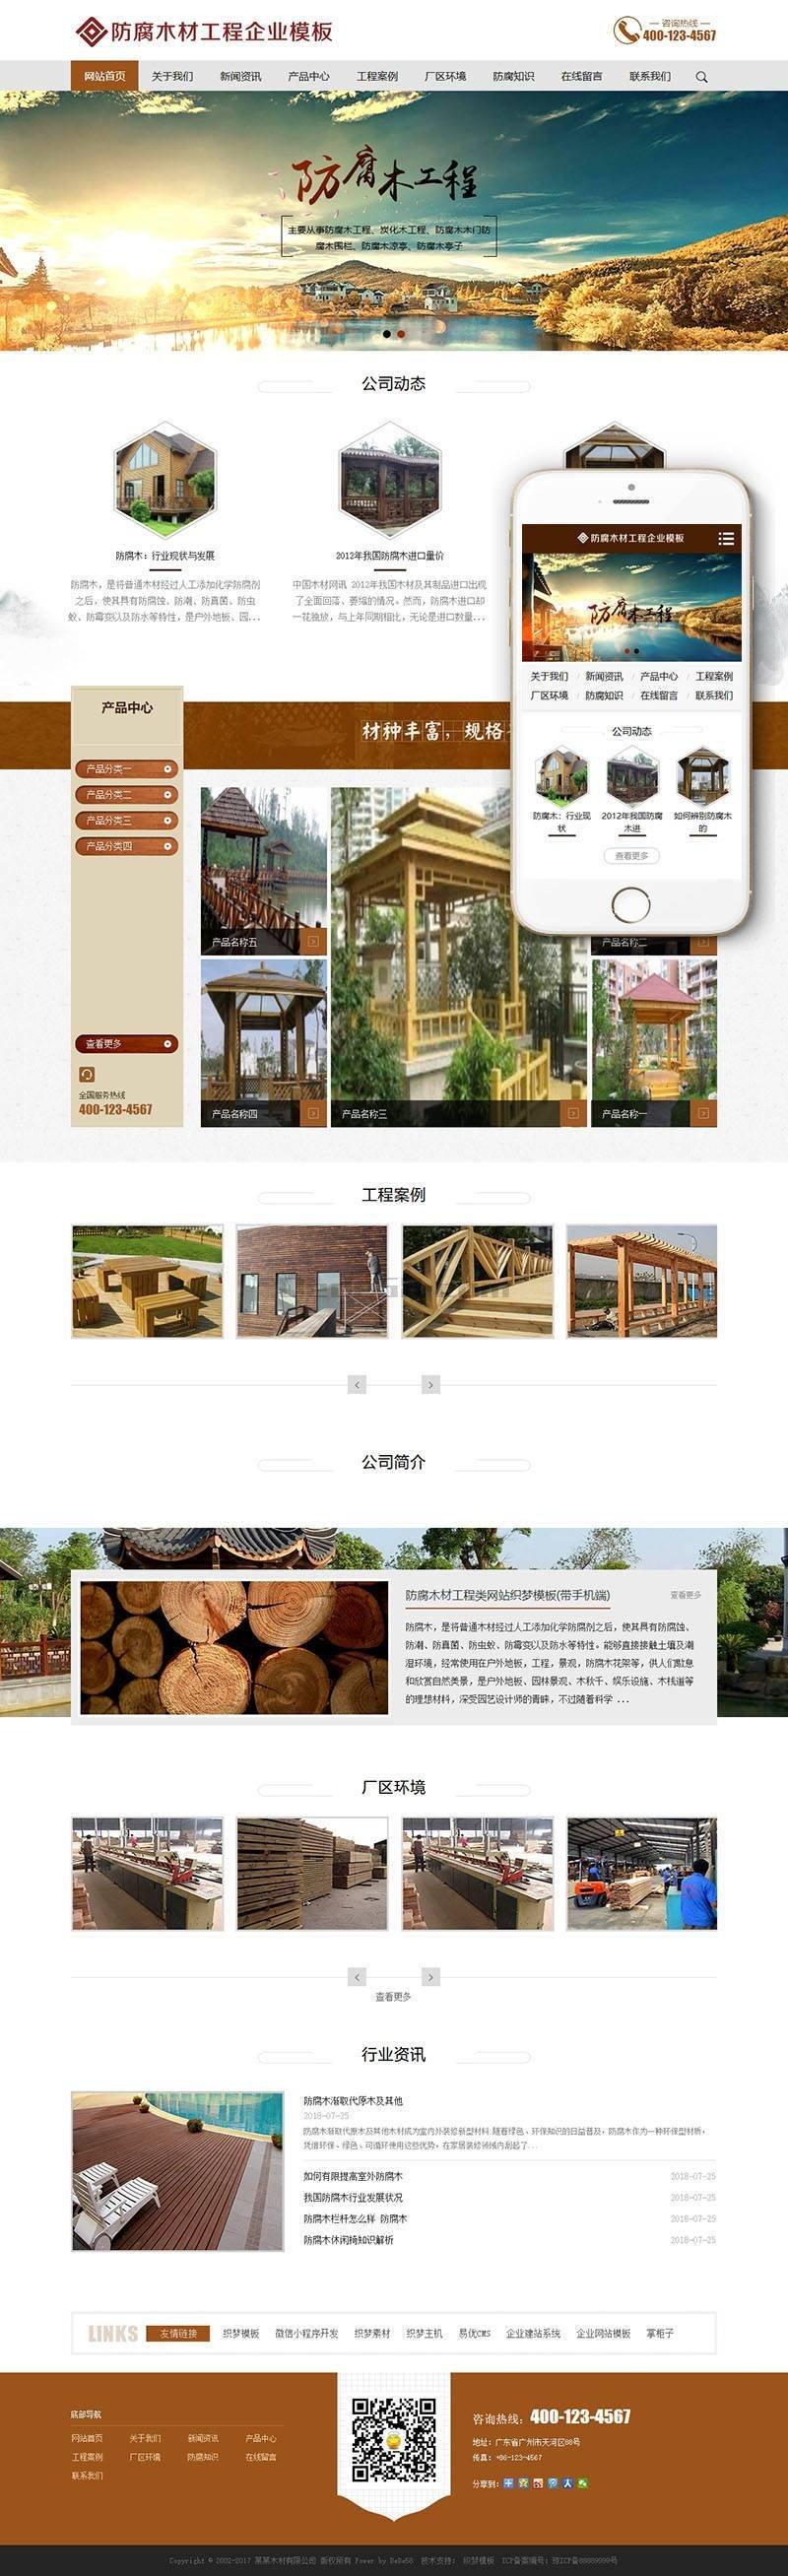 防腐材料企业网站